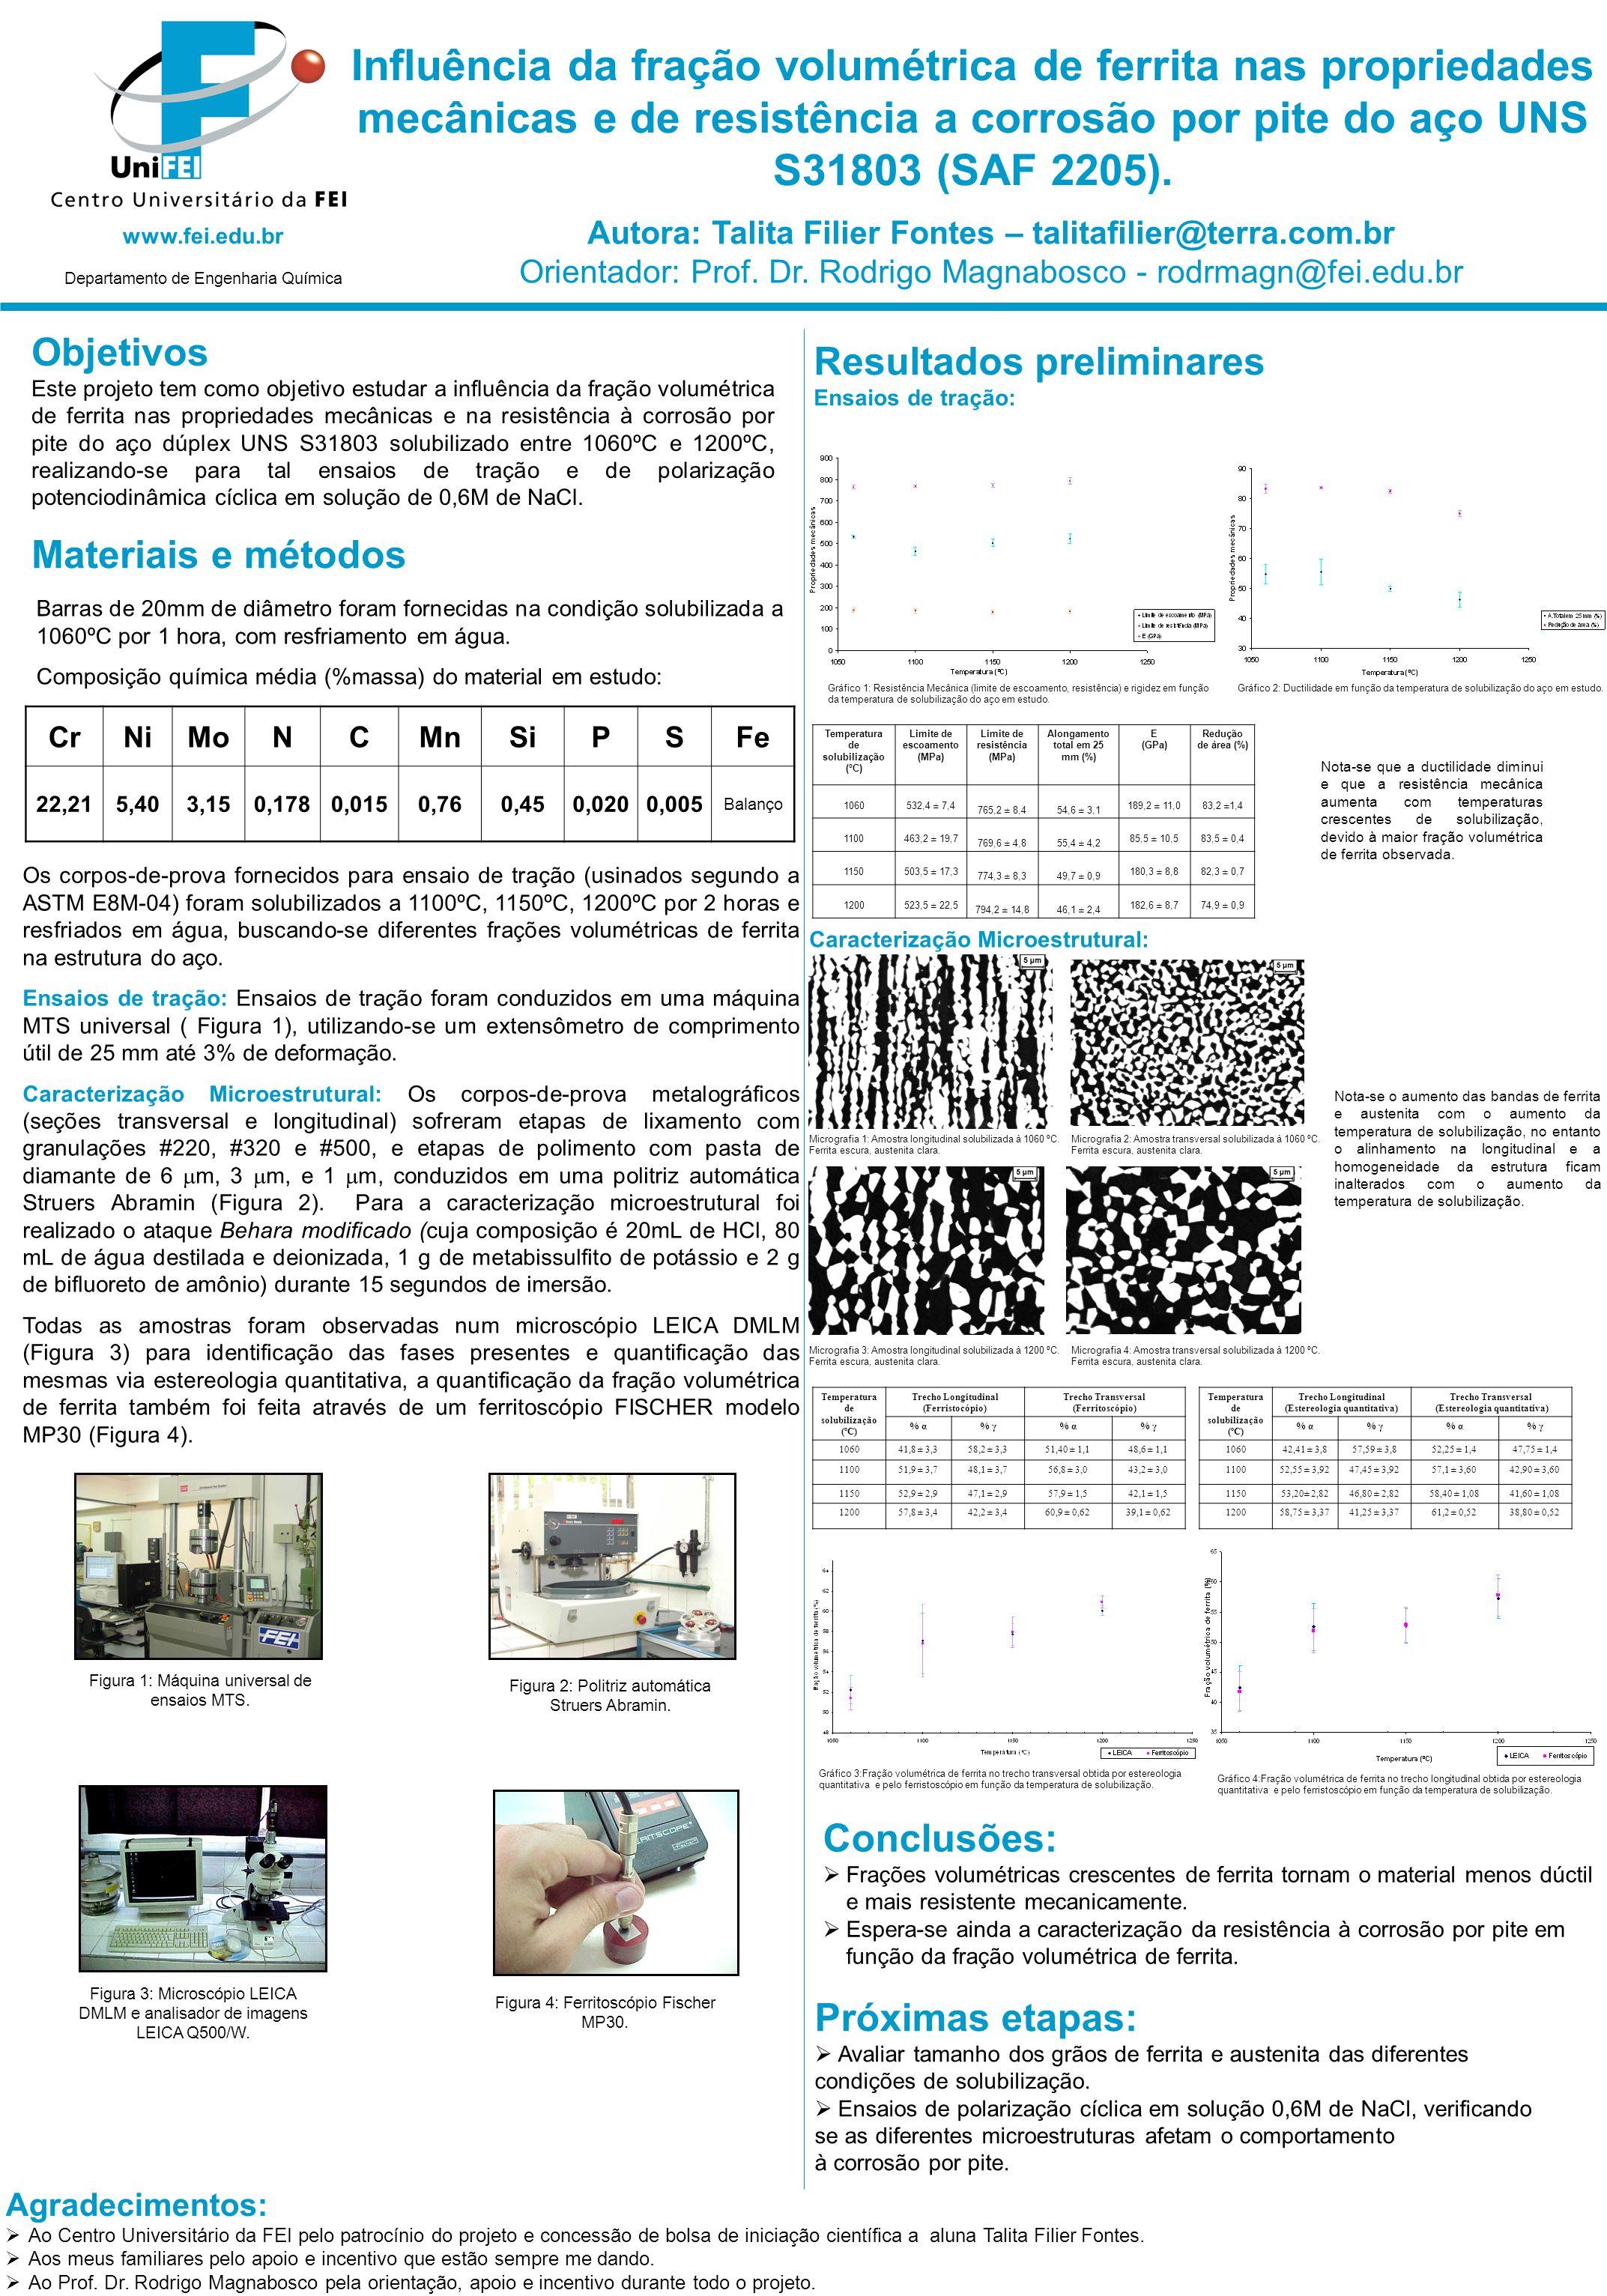 Influência da fração volumétrica de ferrita nas propriedades mecânicas e de resistência a corrosão por pite do aço UNS S31803 (SAF 2205).